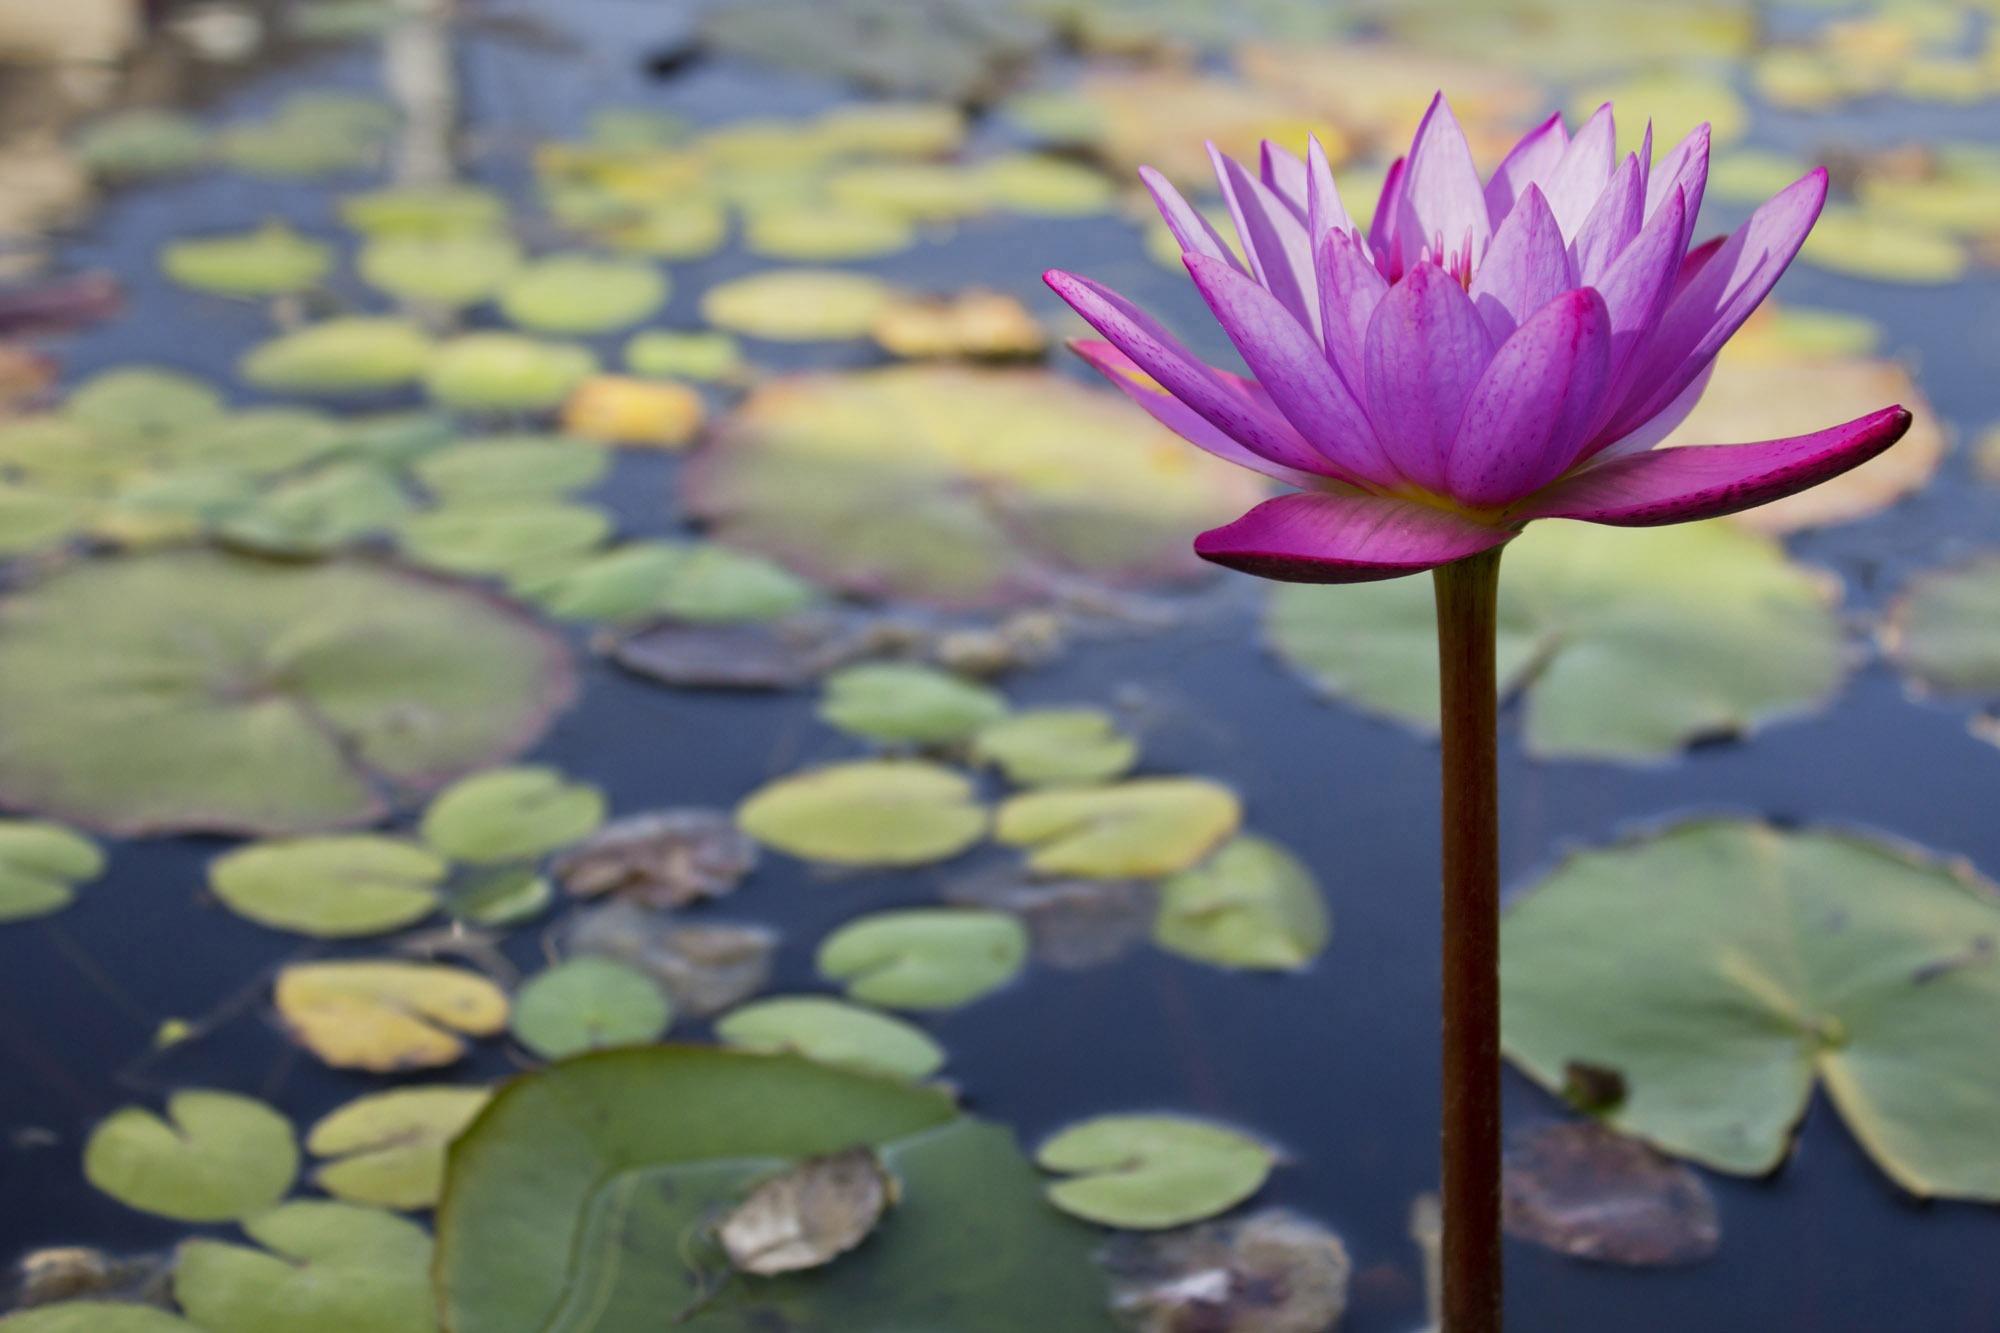 Free Images : nature, blossom, leaf, petal, pond, green, botany ...